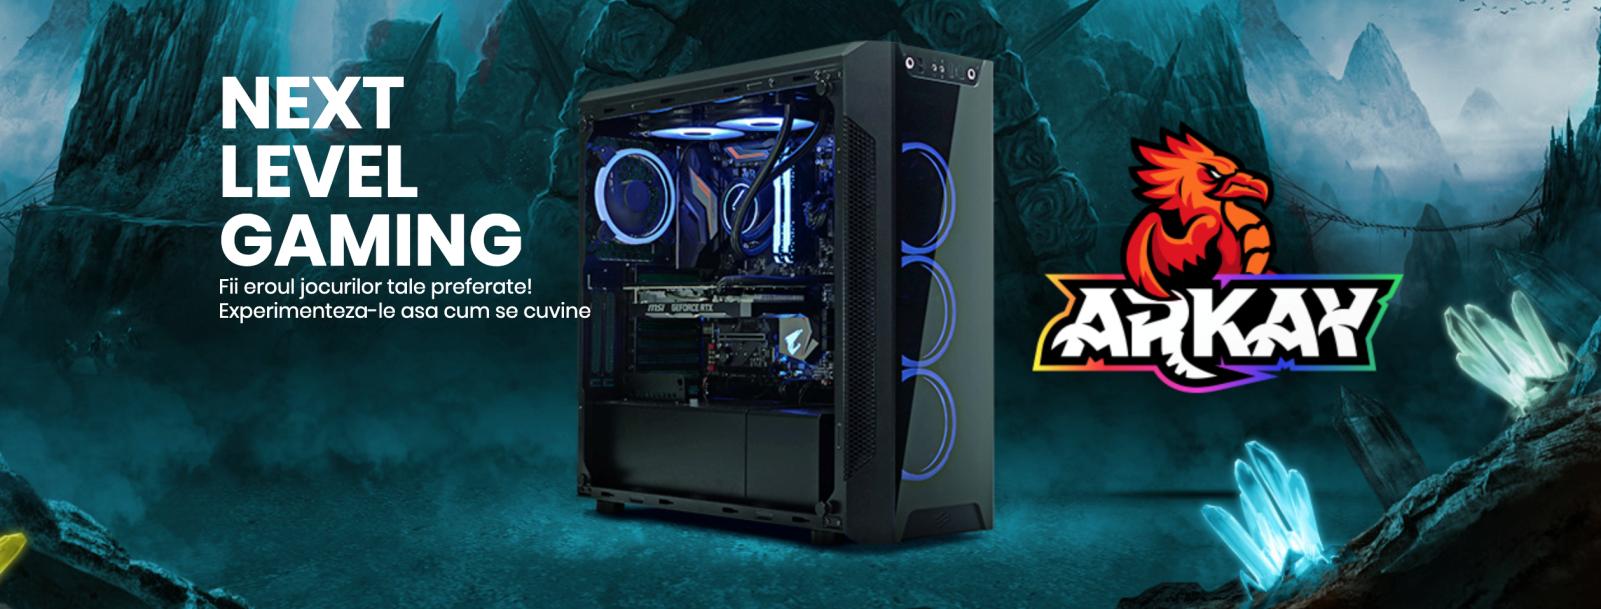 PC Garage Arkay garantează performanțe optime,  în cele mai populare jocuri